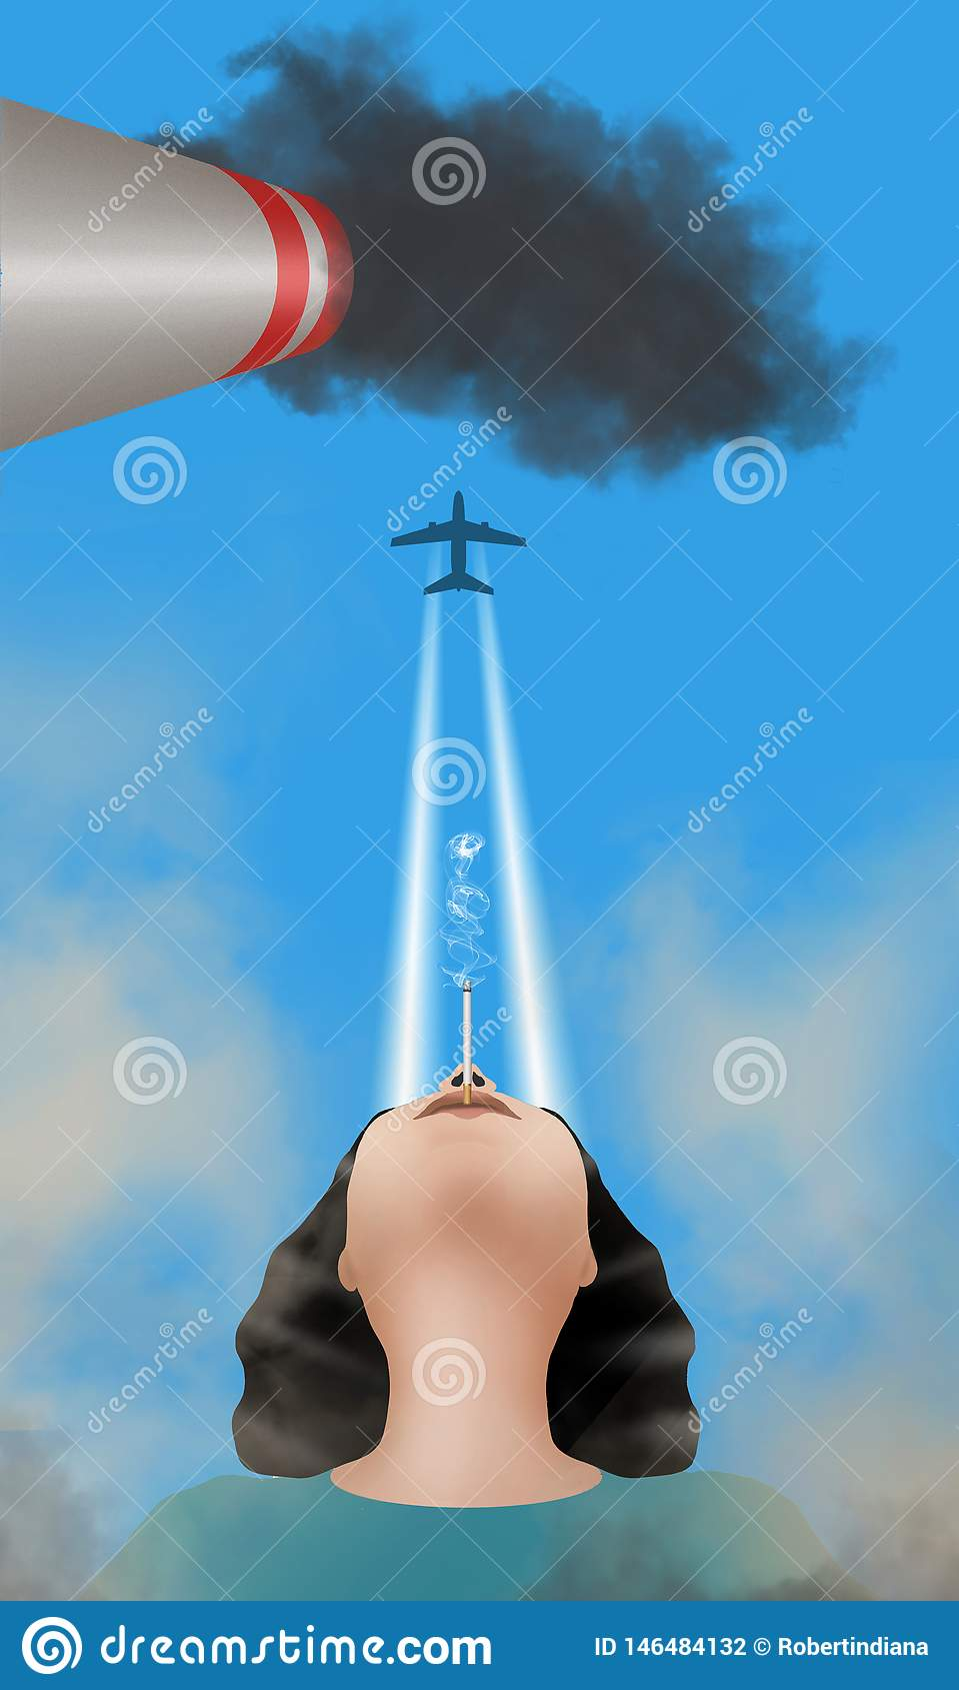 Οι ίχνος-ανθρώπινοι παραγμένοι ατμοί ατμού που είναι στην ατμόσφαιρα είναι διευκρινισμένοι με μια γυναίκα που καπνίζουν και το ίχ